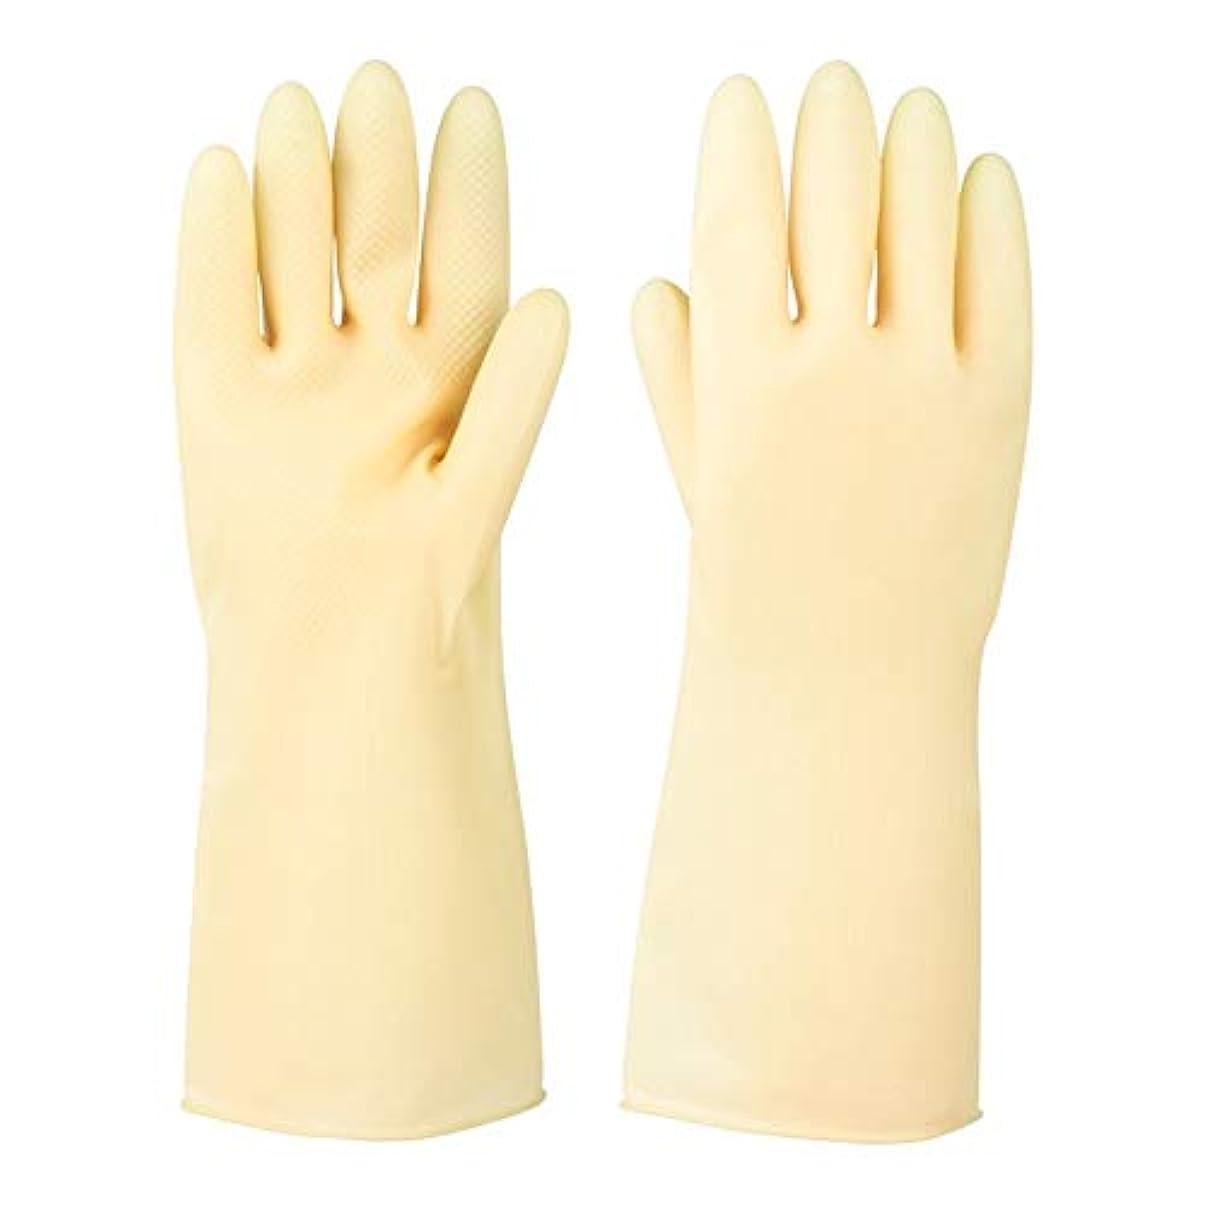 急性普通の熱帯のニトリルゴム手袋 ラバーレザーグローブ厚めの滑り止め耐摩耗性防水保護手袋、5ペア 使い捨て手袋 (Color : 5 pair, Size : S)